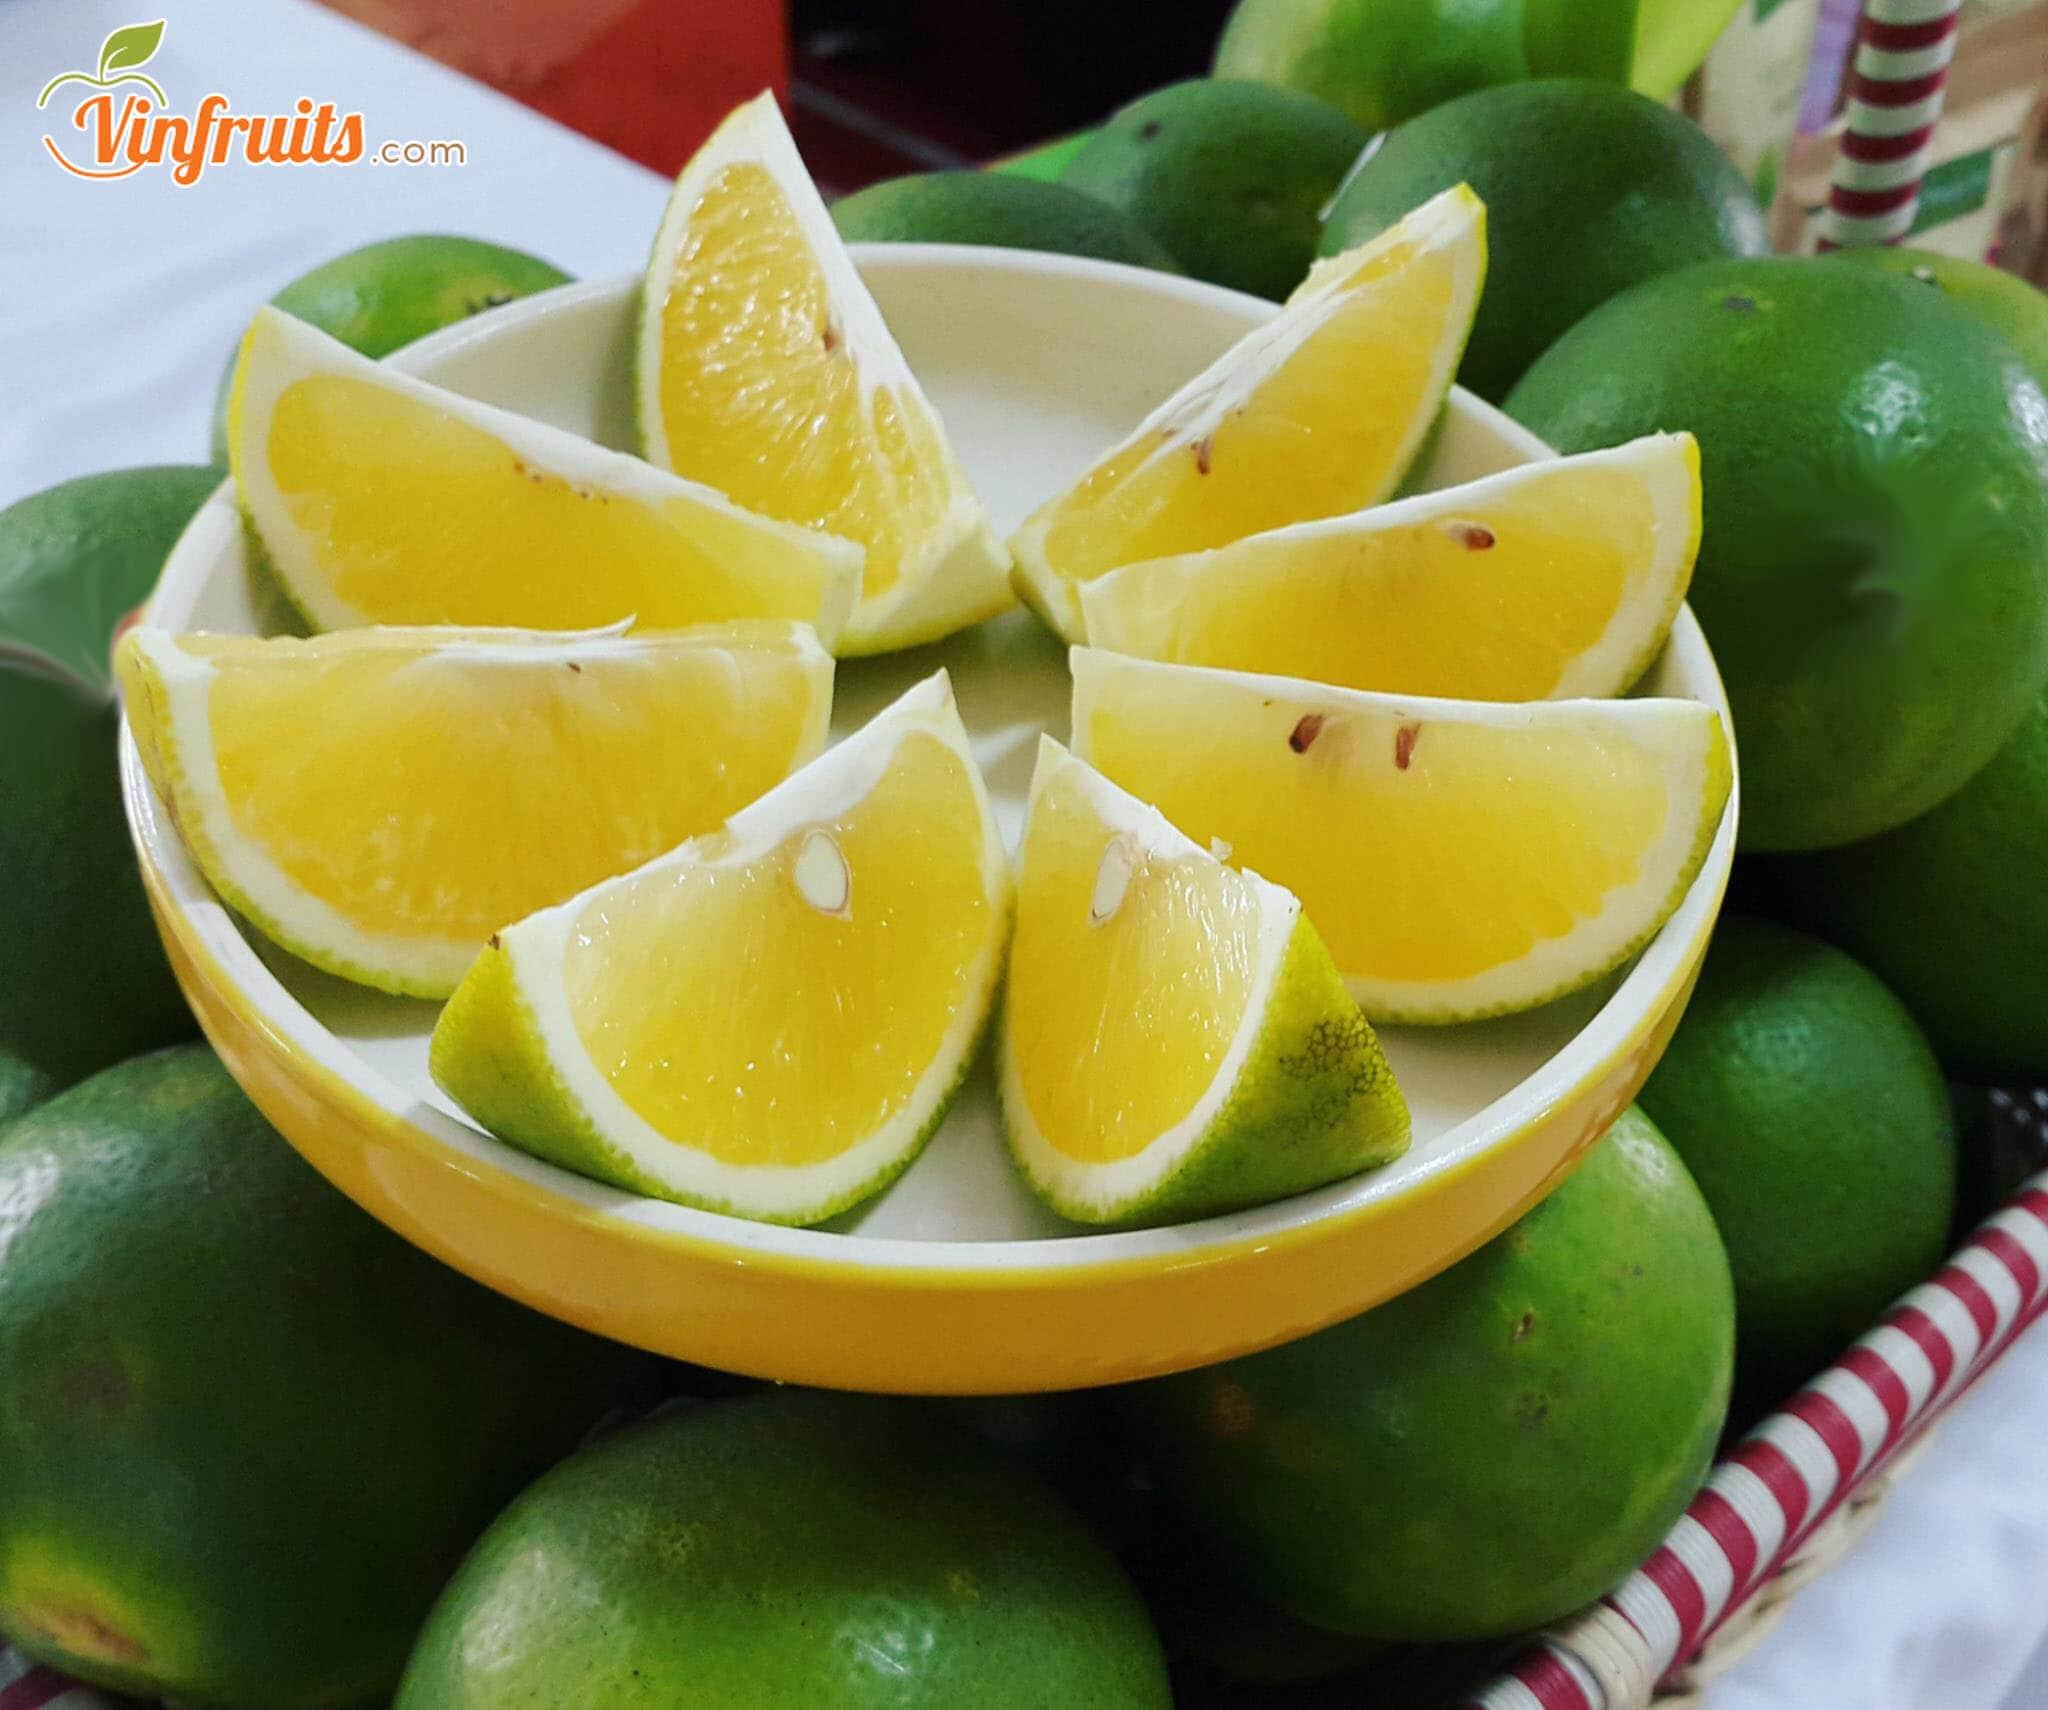 Cam Vinh đặc sản Nghệ An - Vinfruits